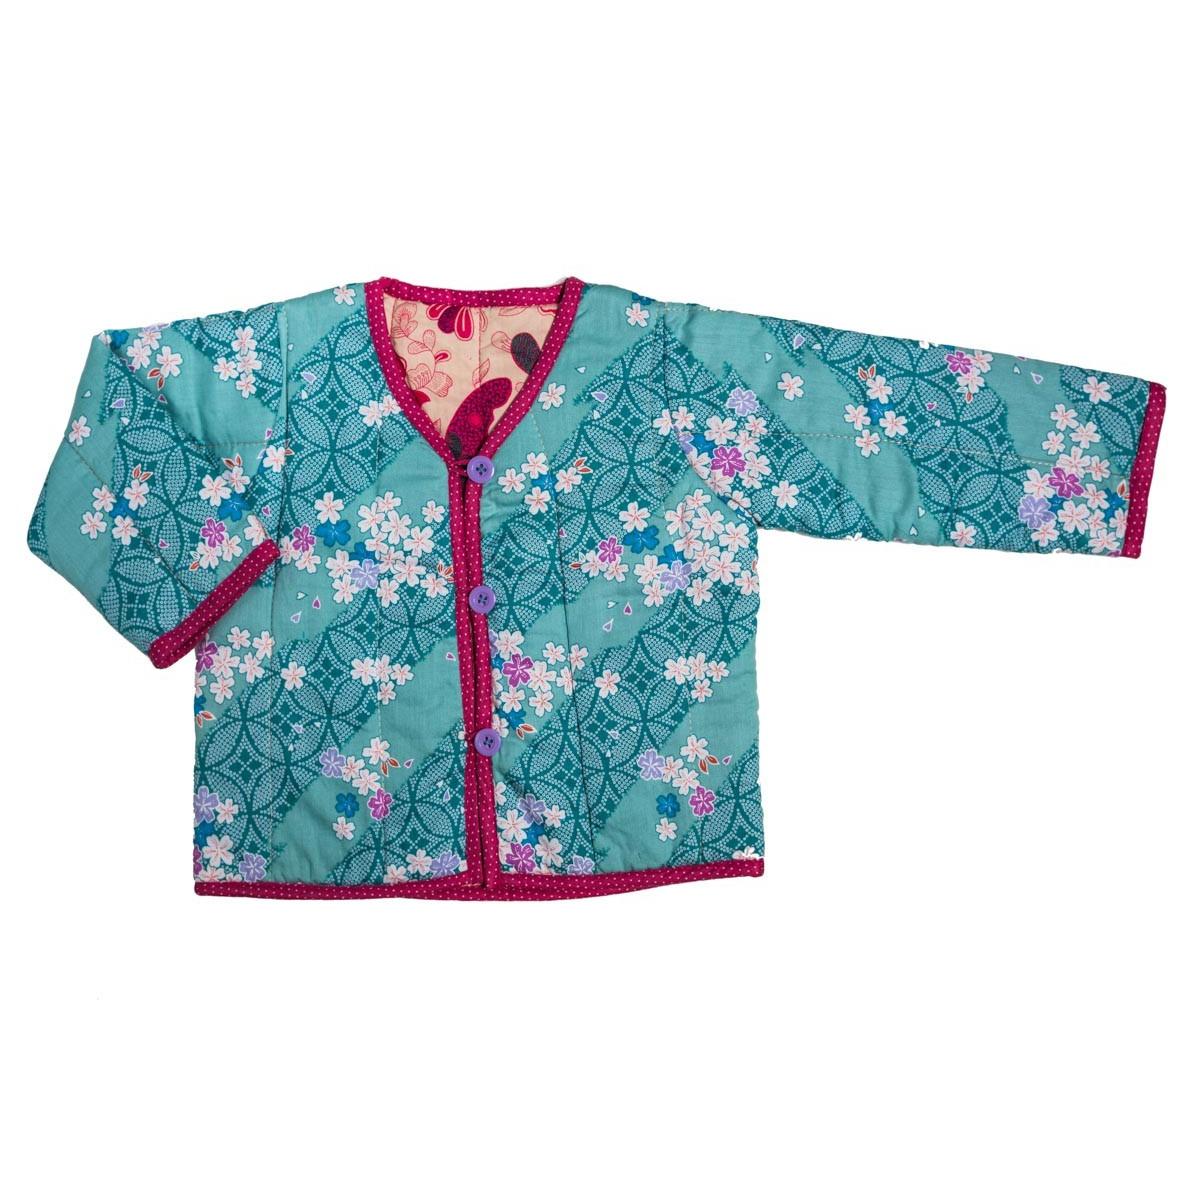 Veste fille 0-24 mois réversible coton japonais